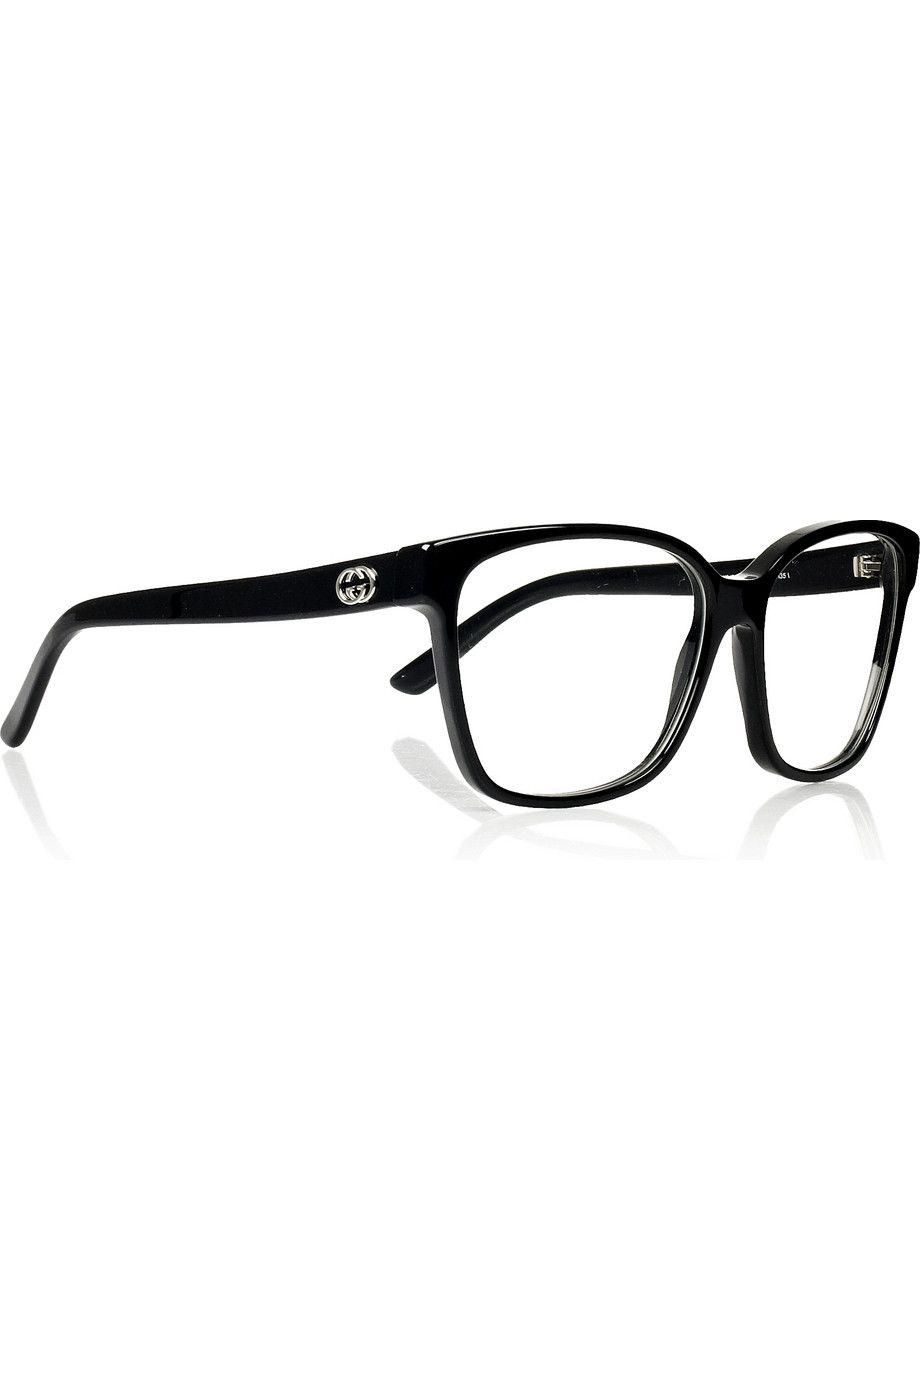 0106857f07  lt 3 my Ray Ban glasses! Gucci Glasses Frames